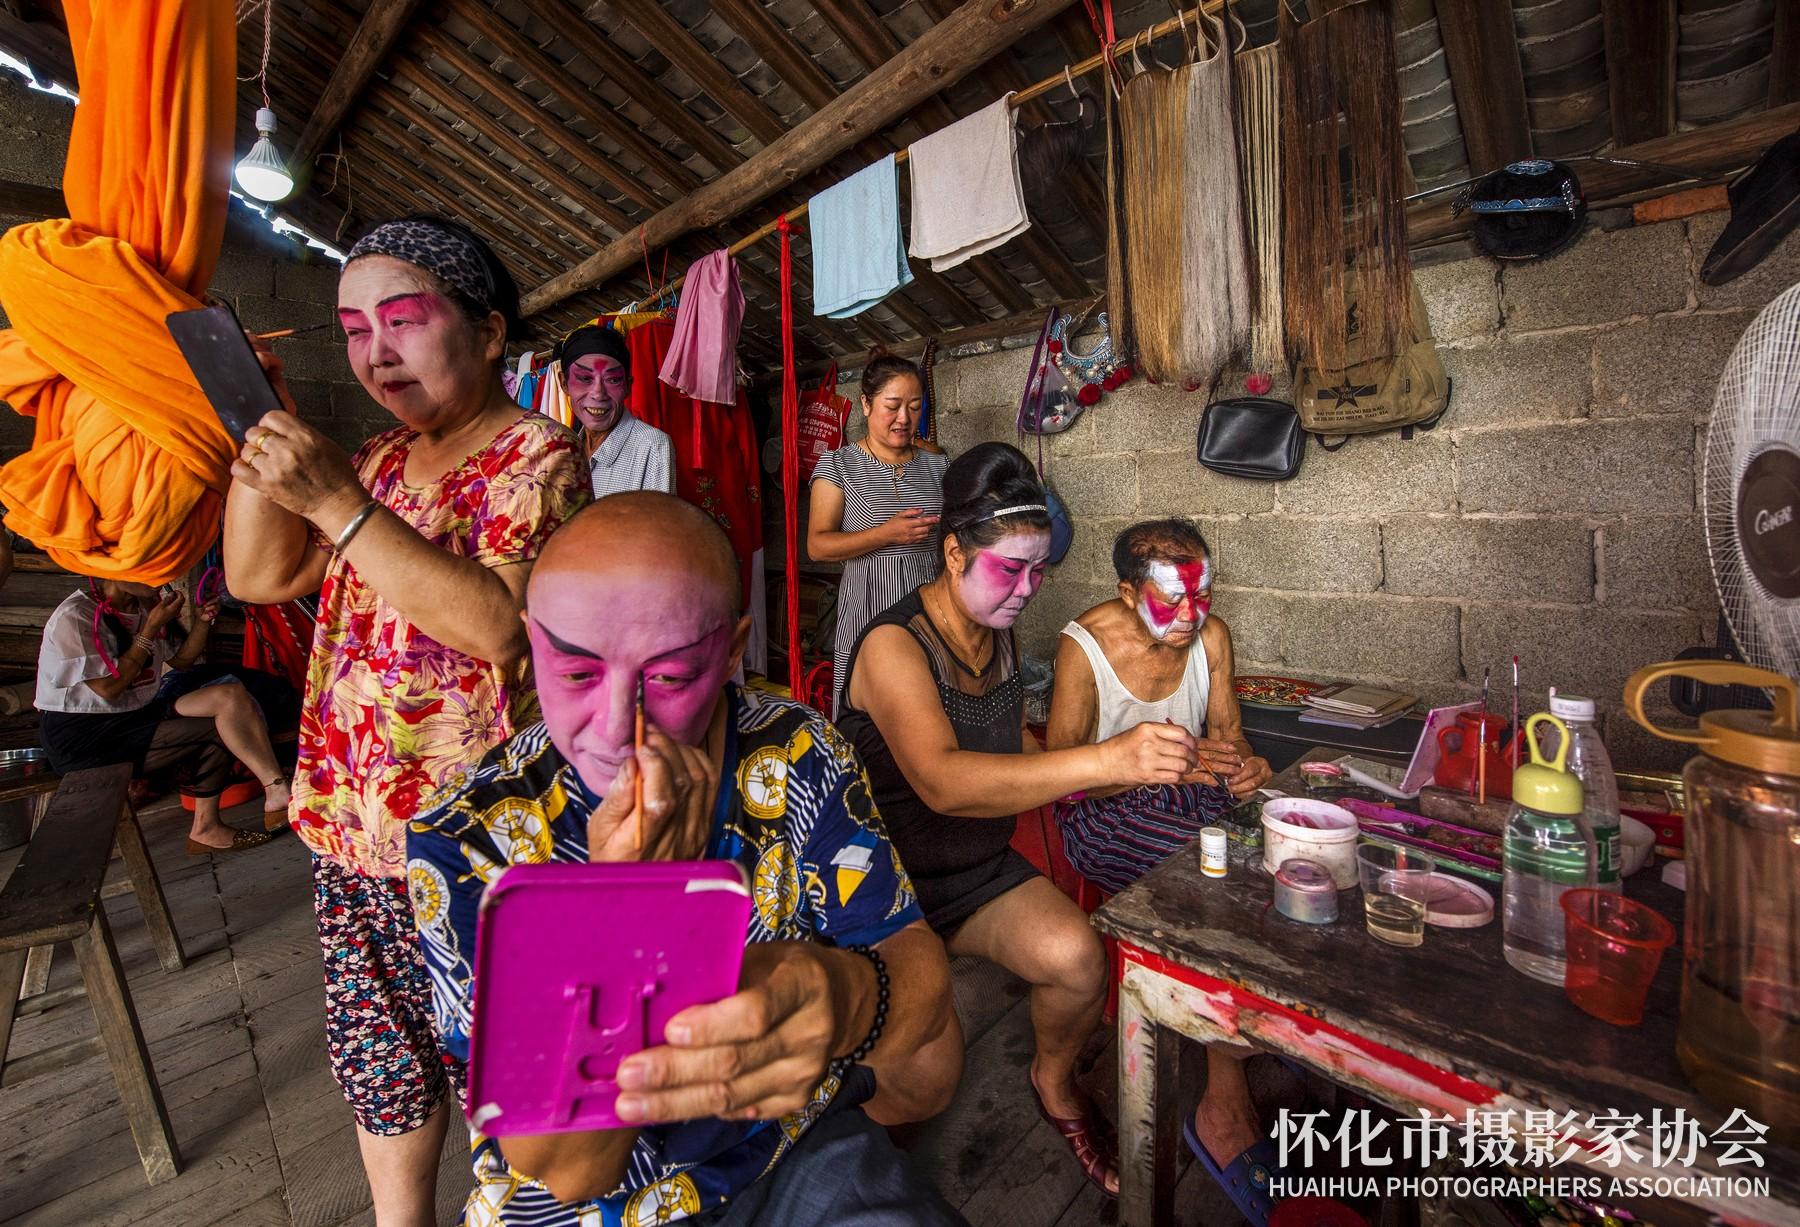 阳戏班子--刘旭东-会同县税务局-418300-电话13548997999-拍摄于湖南省会同县堡子镇